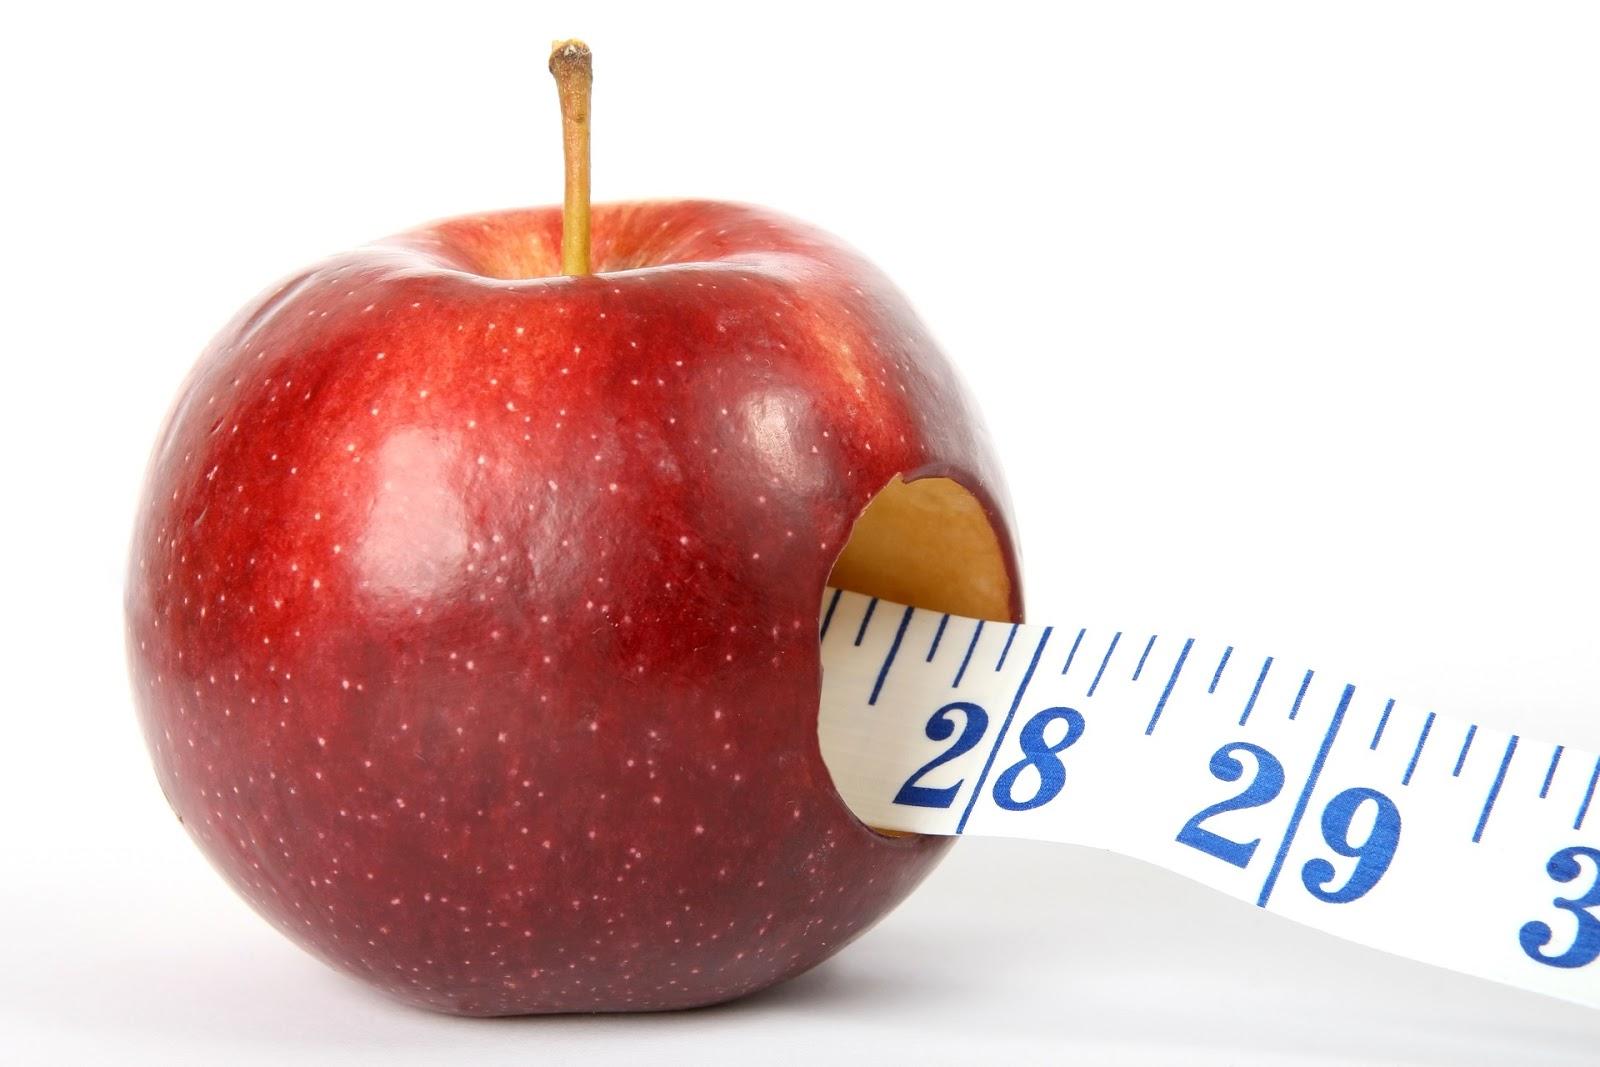 Skuteczna Dieta Jak Odchudzac Sie Zdrowo Daylicooking Blog